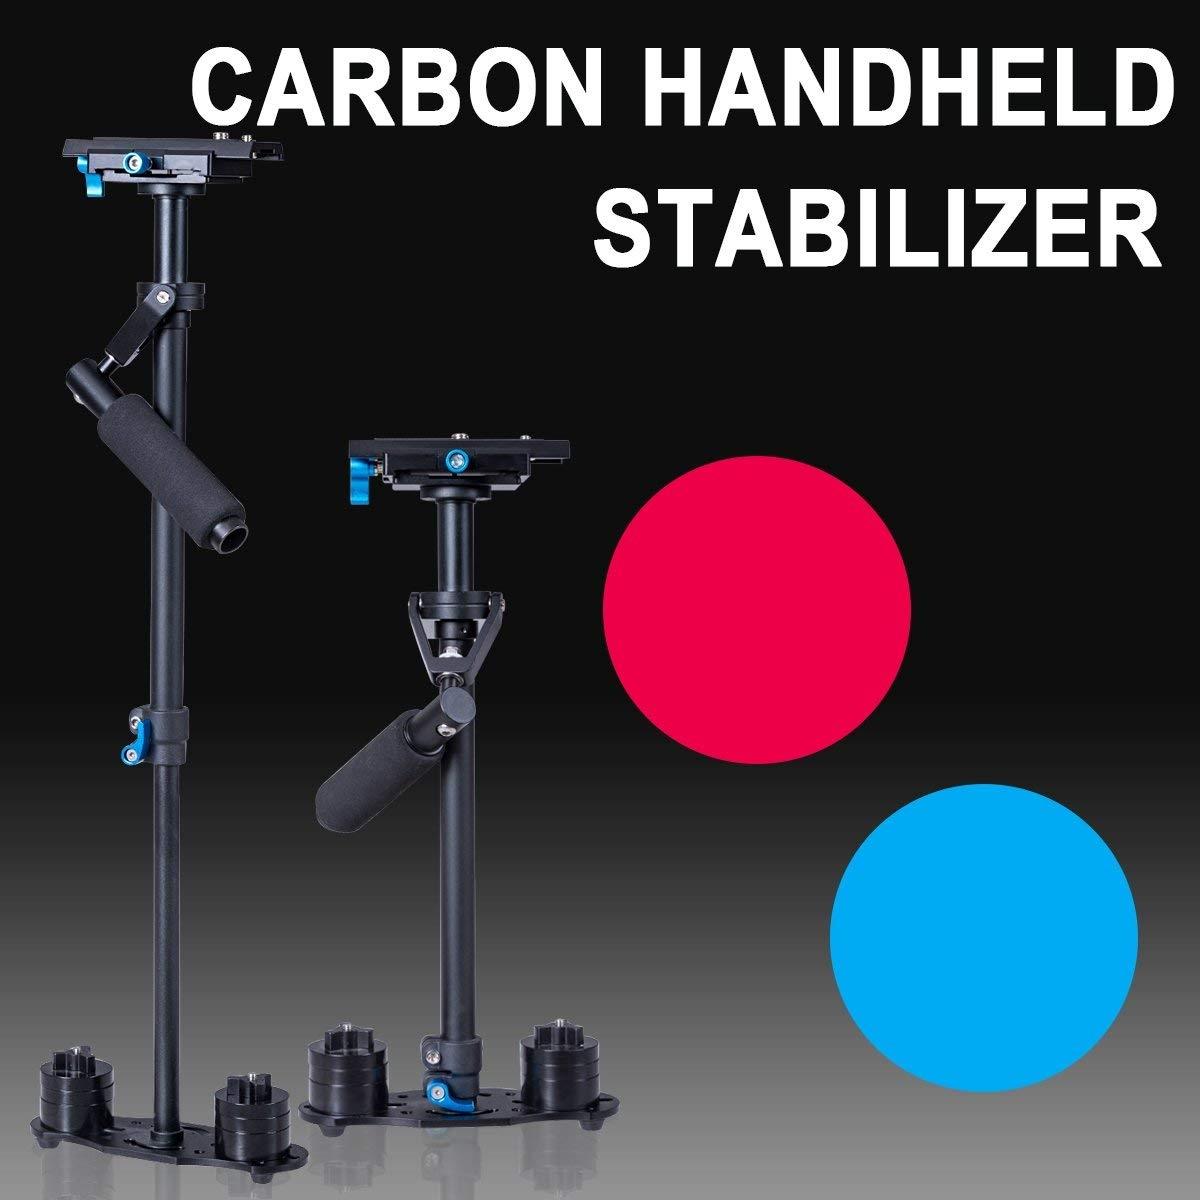 Costway Stabilizzatore di mano per fotocamera lunghezza 38-60cm Supporto per videocamere DV in fibra di carbonio Nero